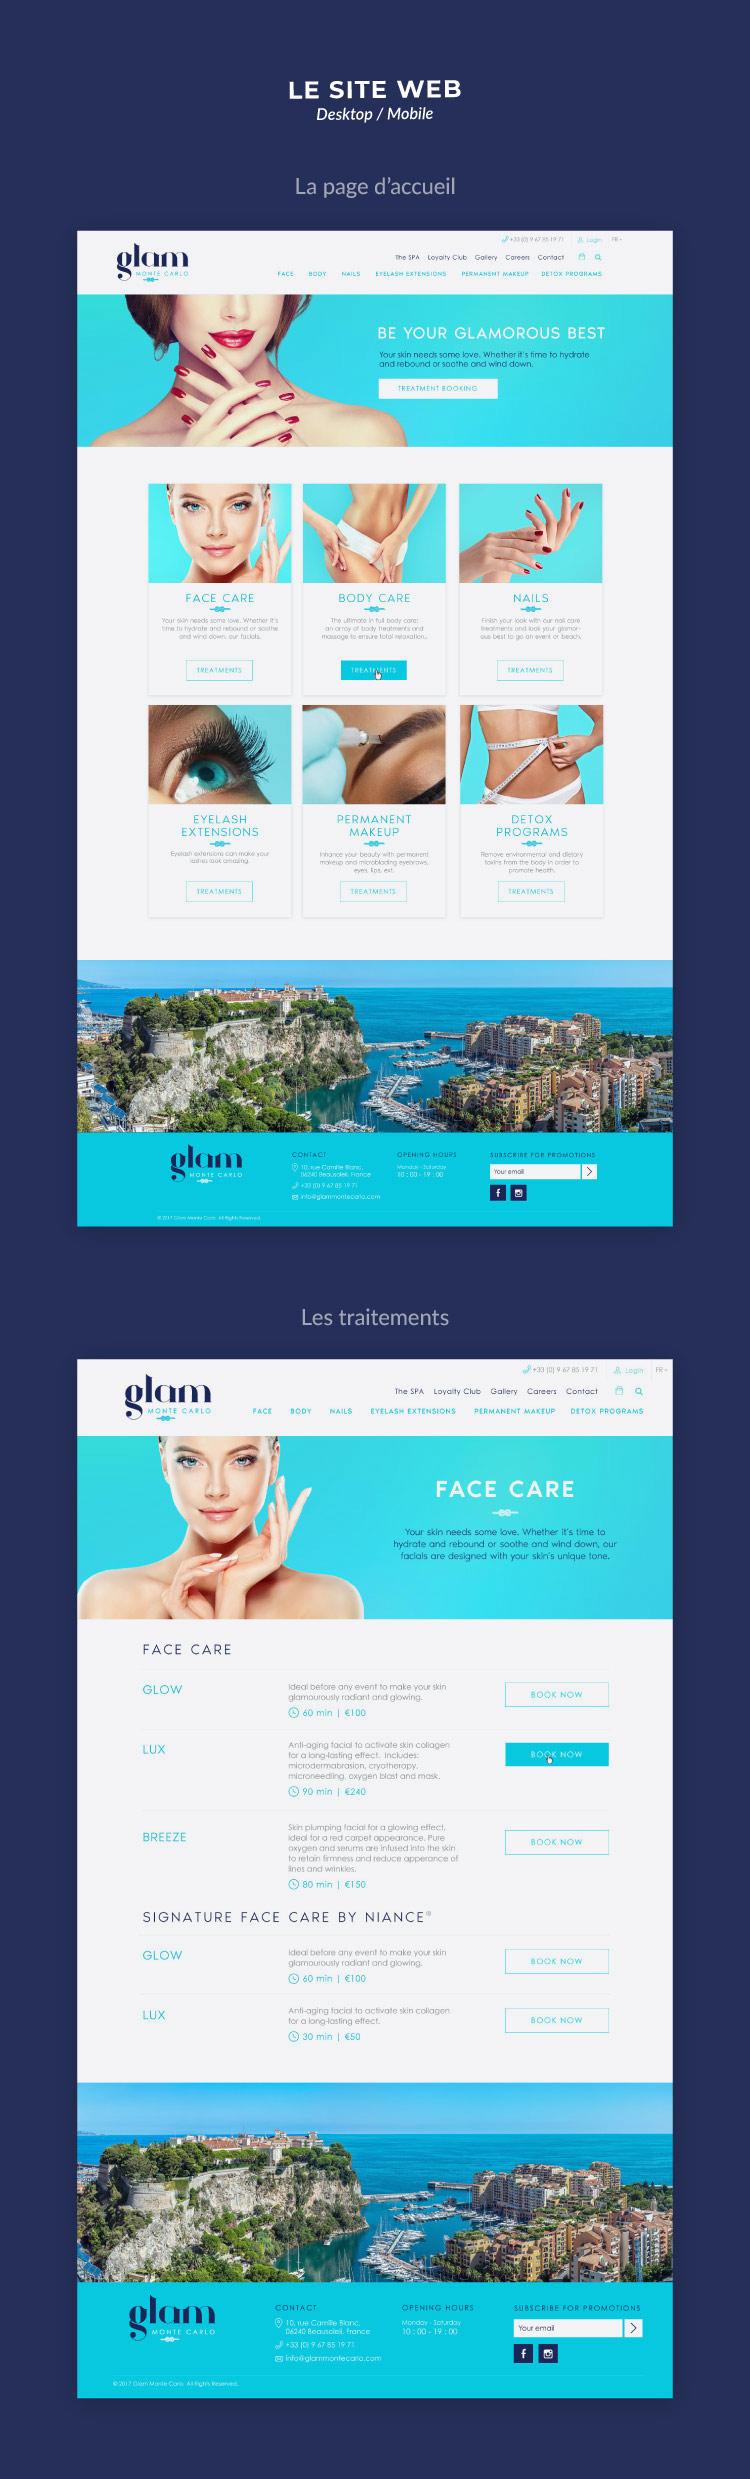 Conception du site web Glam Monte Carlo (clinique de soins médico-esthétiques)